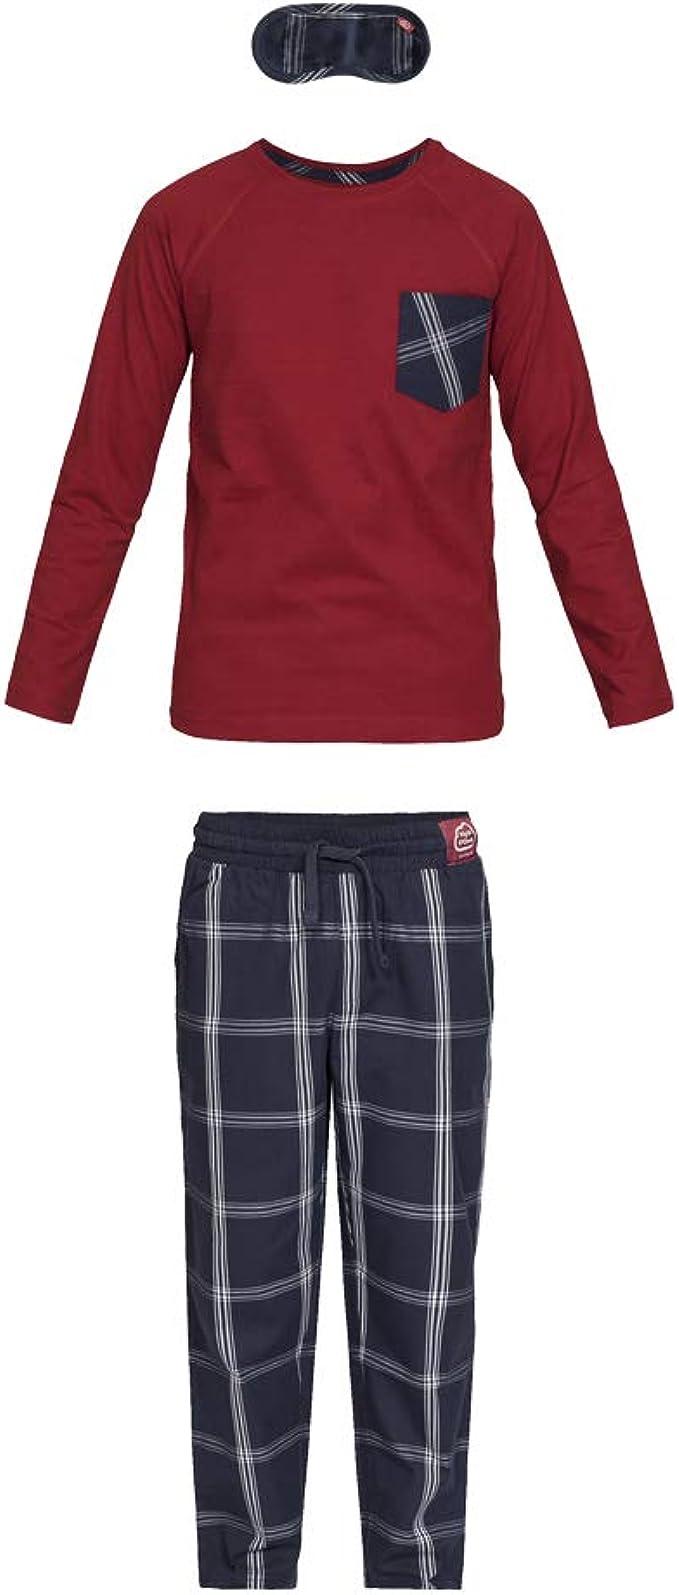 Nightoclock Baran Conjunto de Pijama para niño en algodón ...